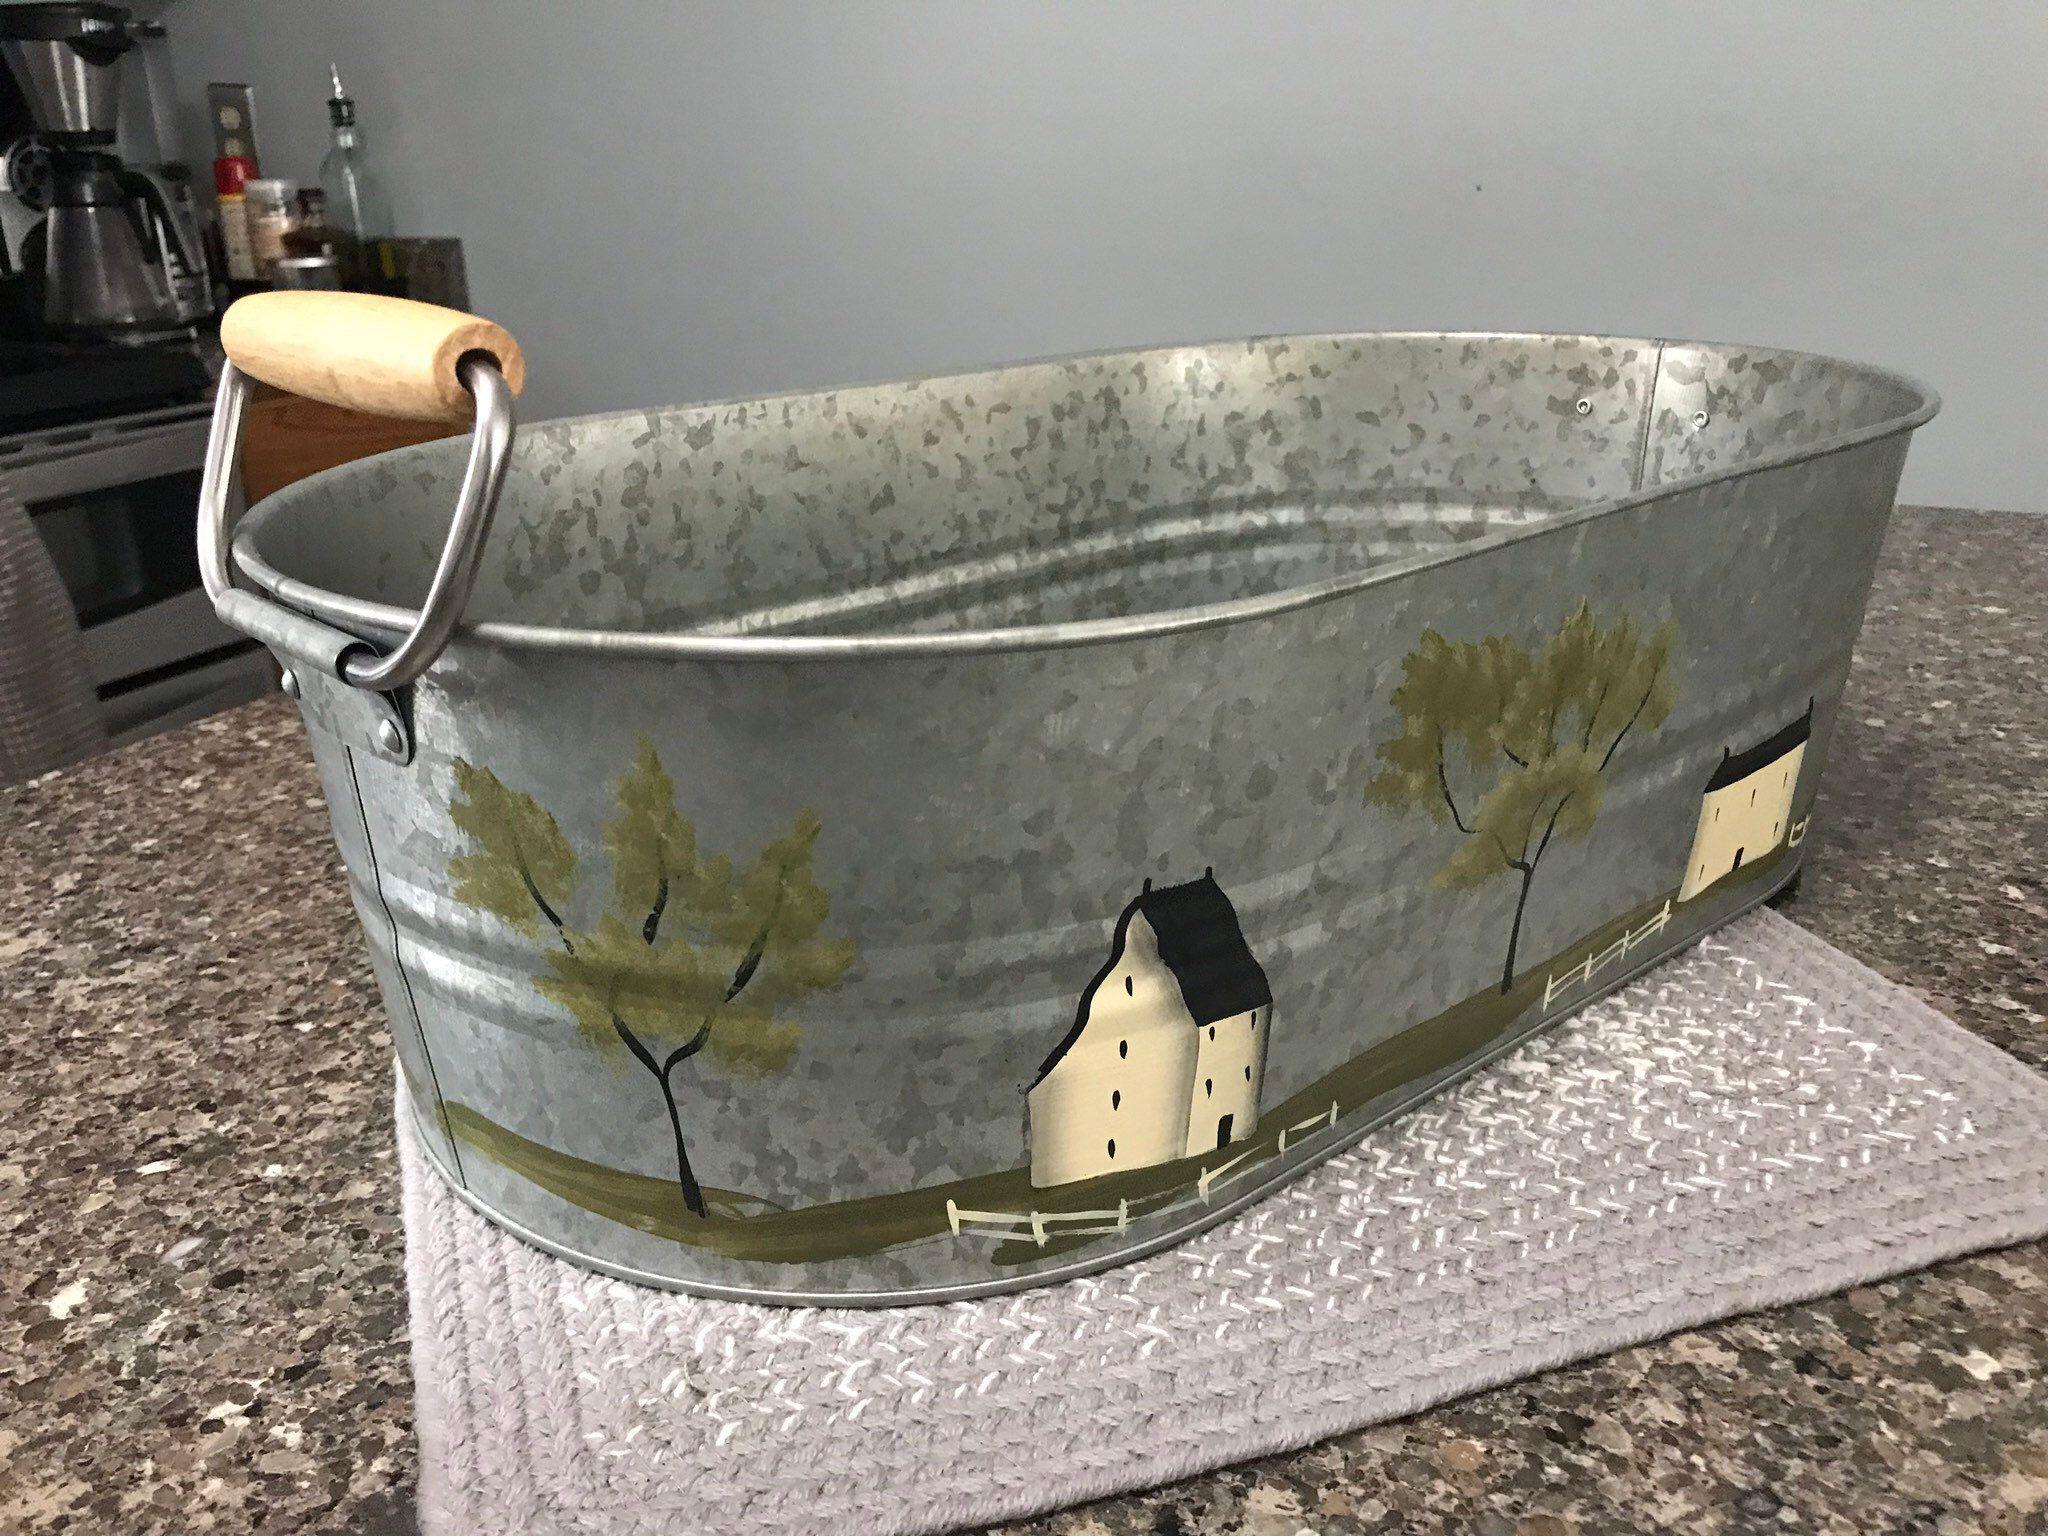 Galvanized Metal Tub Farmhouse Decor Beverage Container Bread